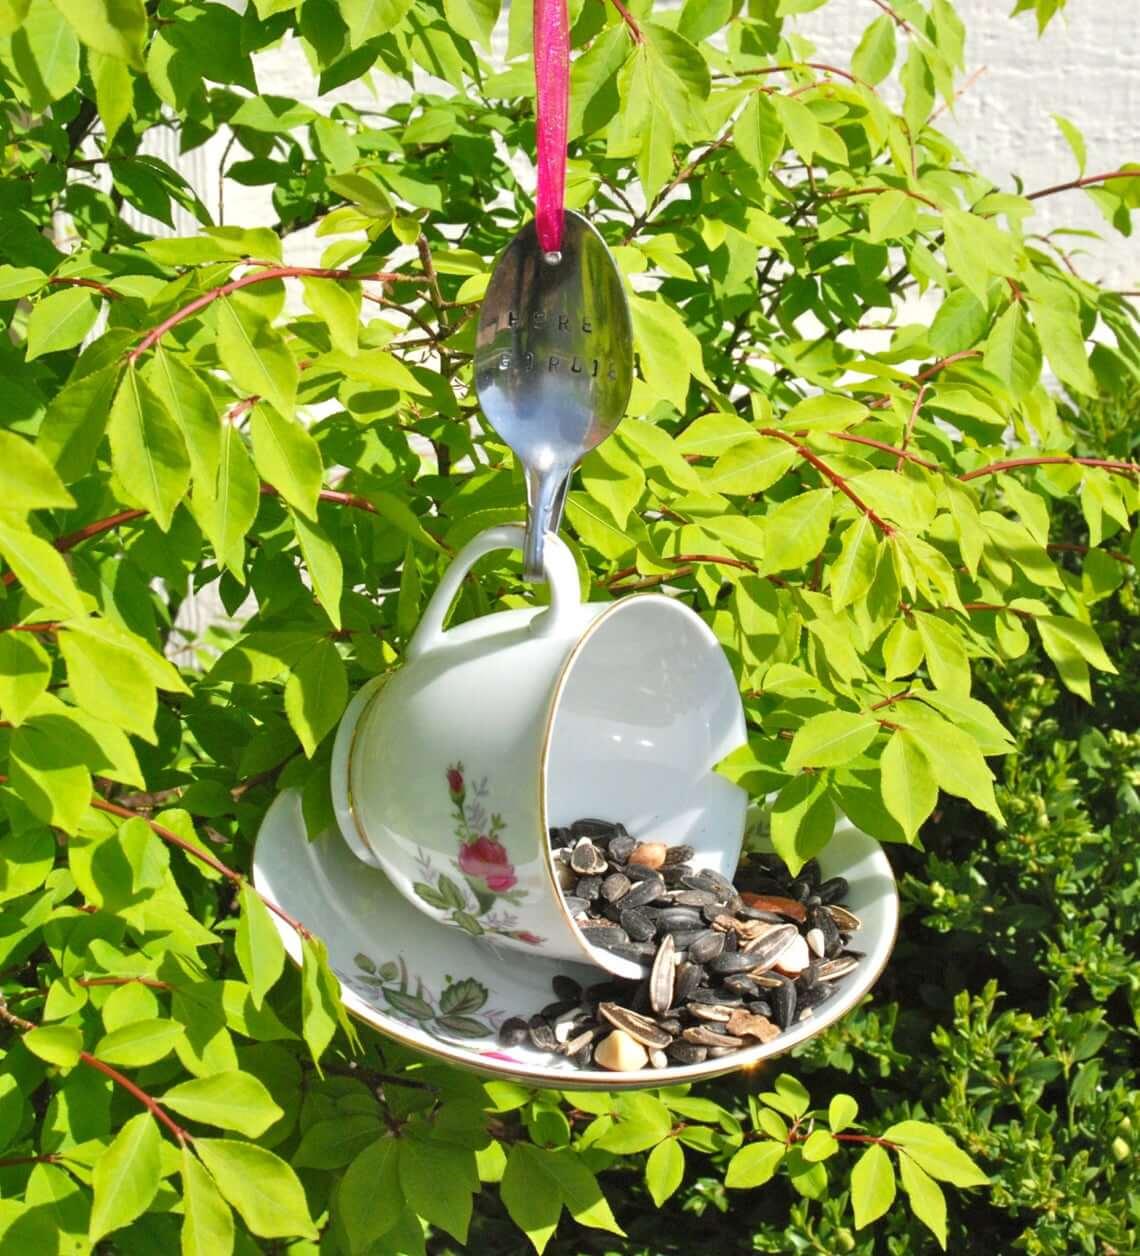 Tasse à thé, soucoupe et mangeoire à oiseaux à cuillère pliée